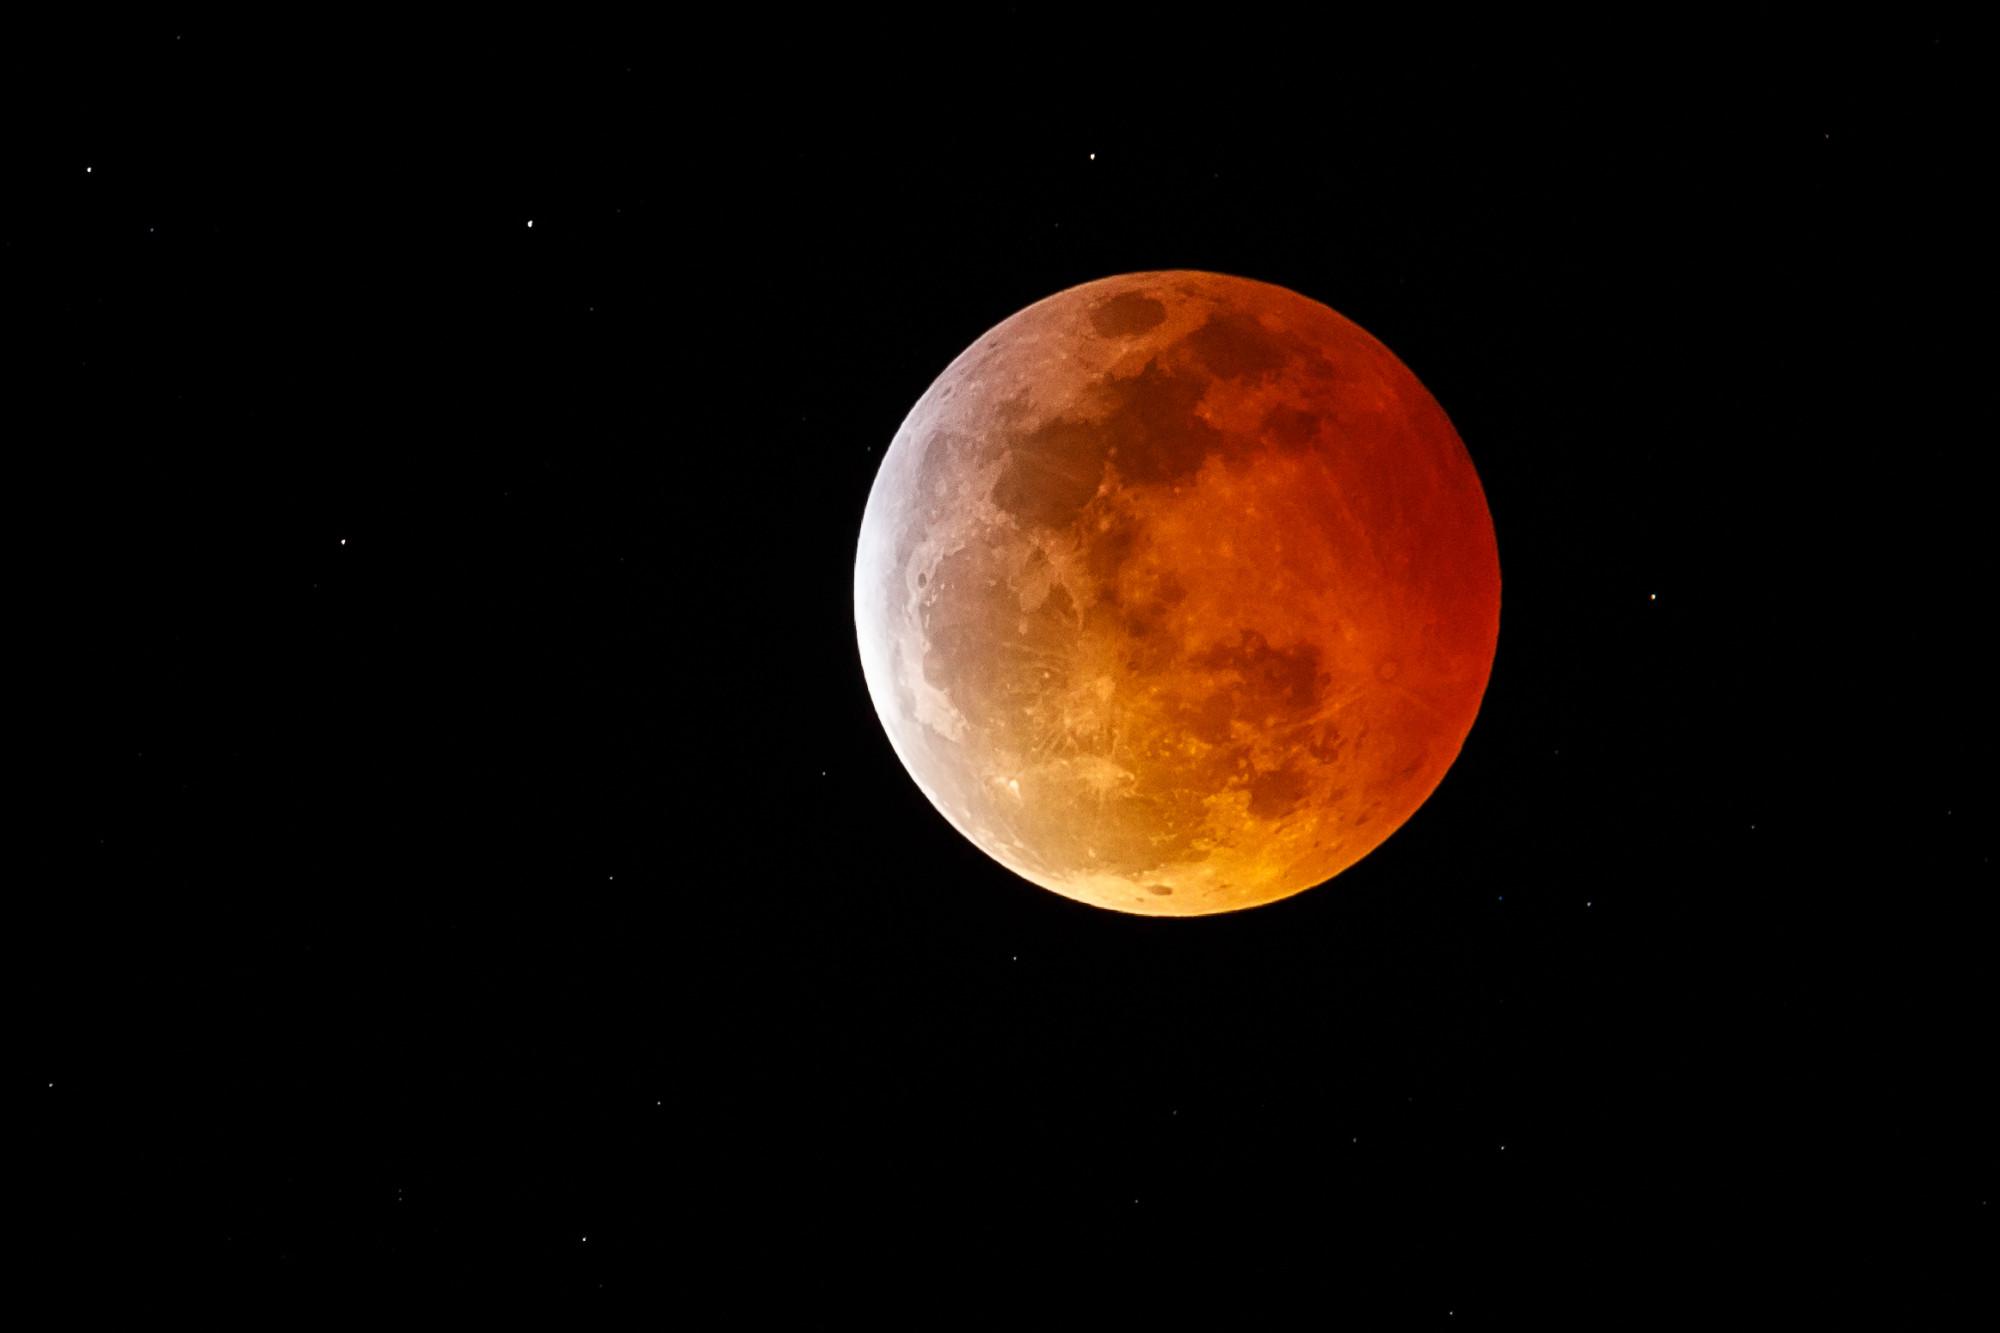 Umasuperlua de lobo vista sobre Marina Del Rey, Califórnia, durante o eclipse lunar total de 20 de janeiro de 2019 (© Getty Images | Rich Polk)